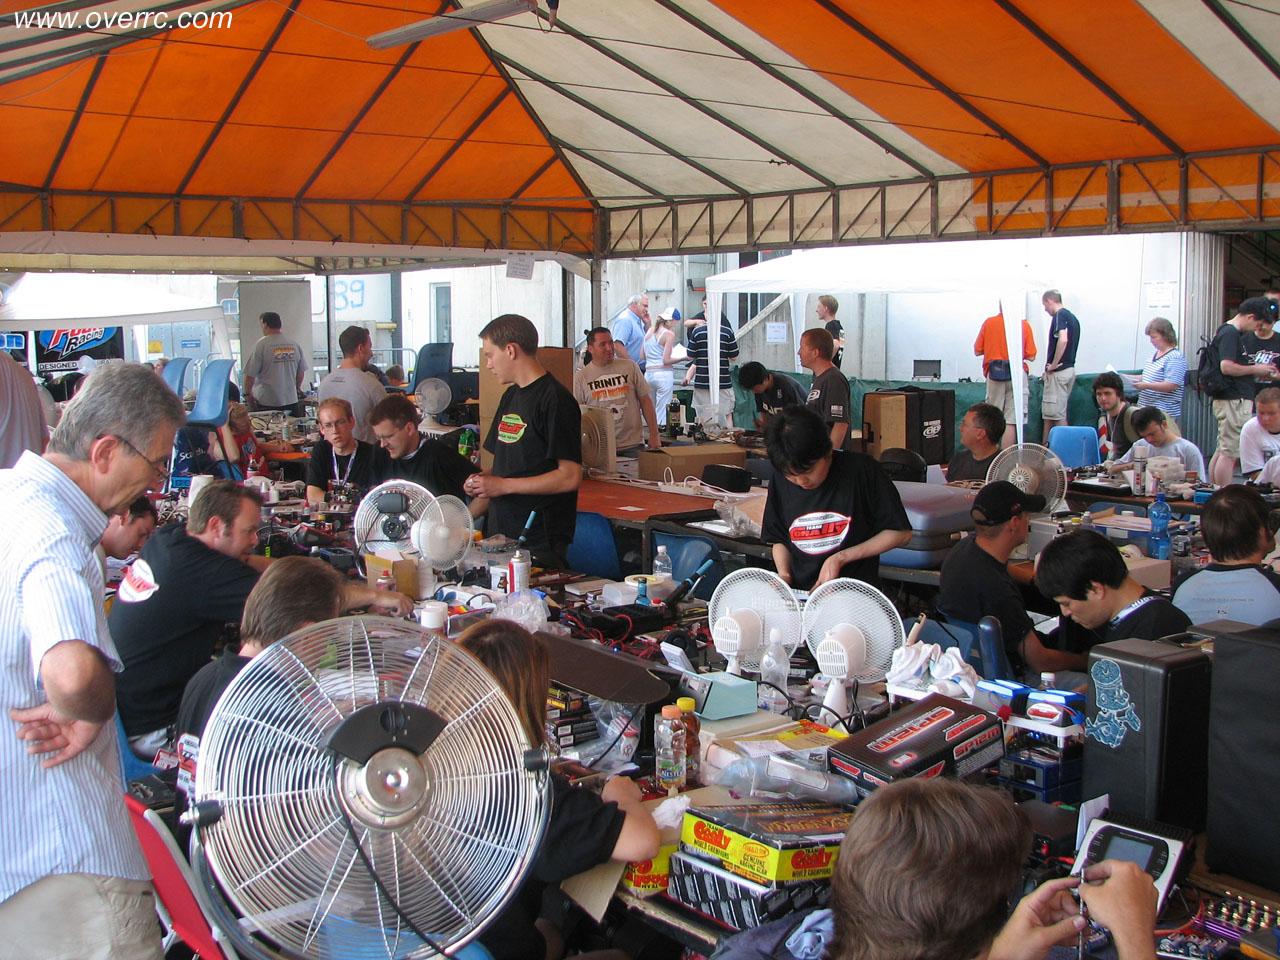 Championnat du monde piste 1 12 lectrique 2006 for Table exterieur mcdo